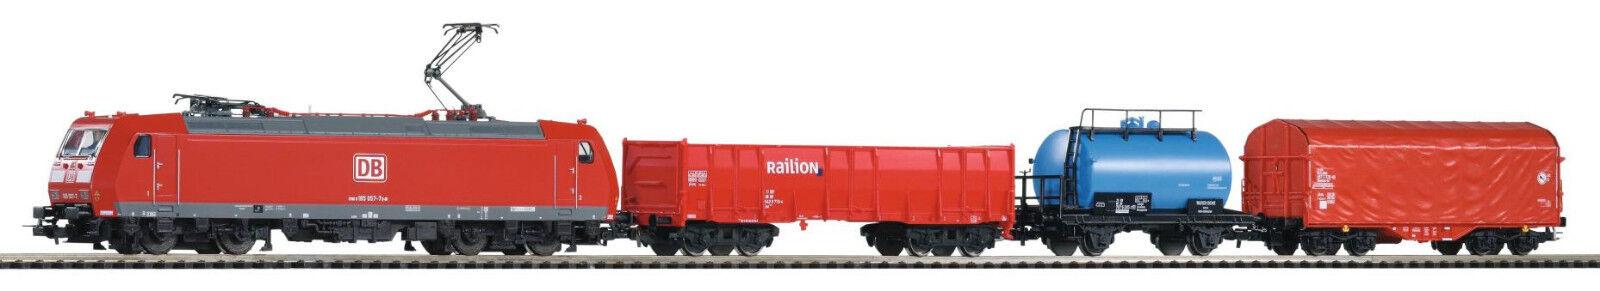 Piko 59004 Startset Digital Br 185 Freight Train Db Ag Epoche Vi New Original